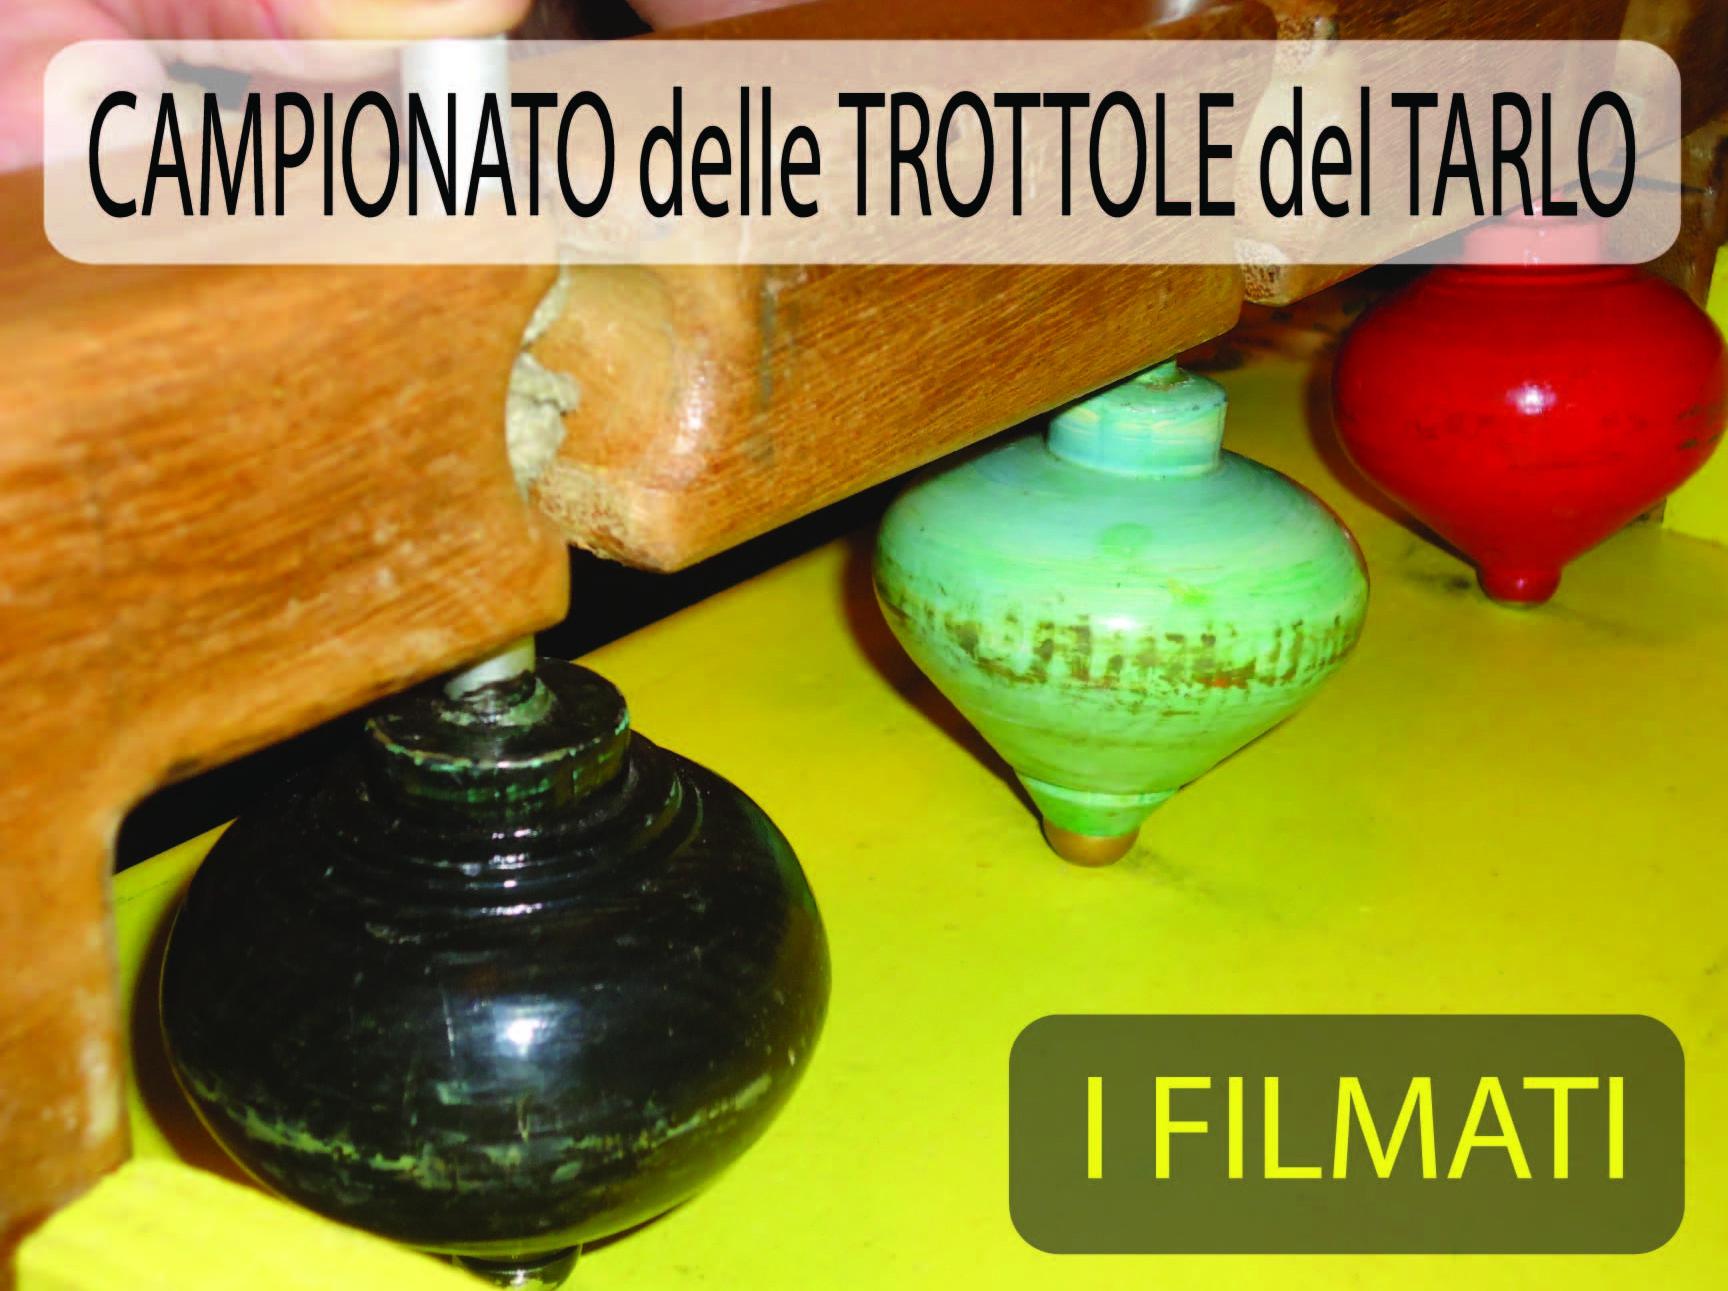 FILMATICMT